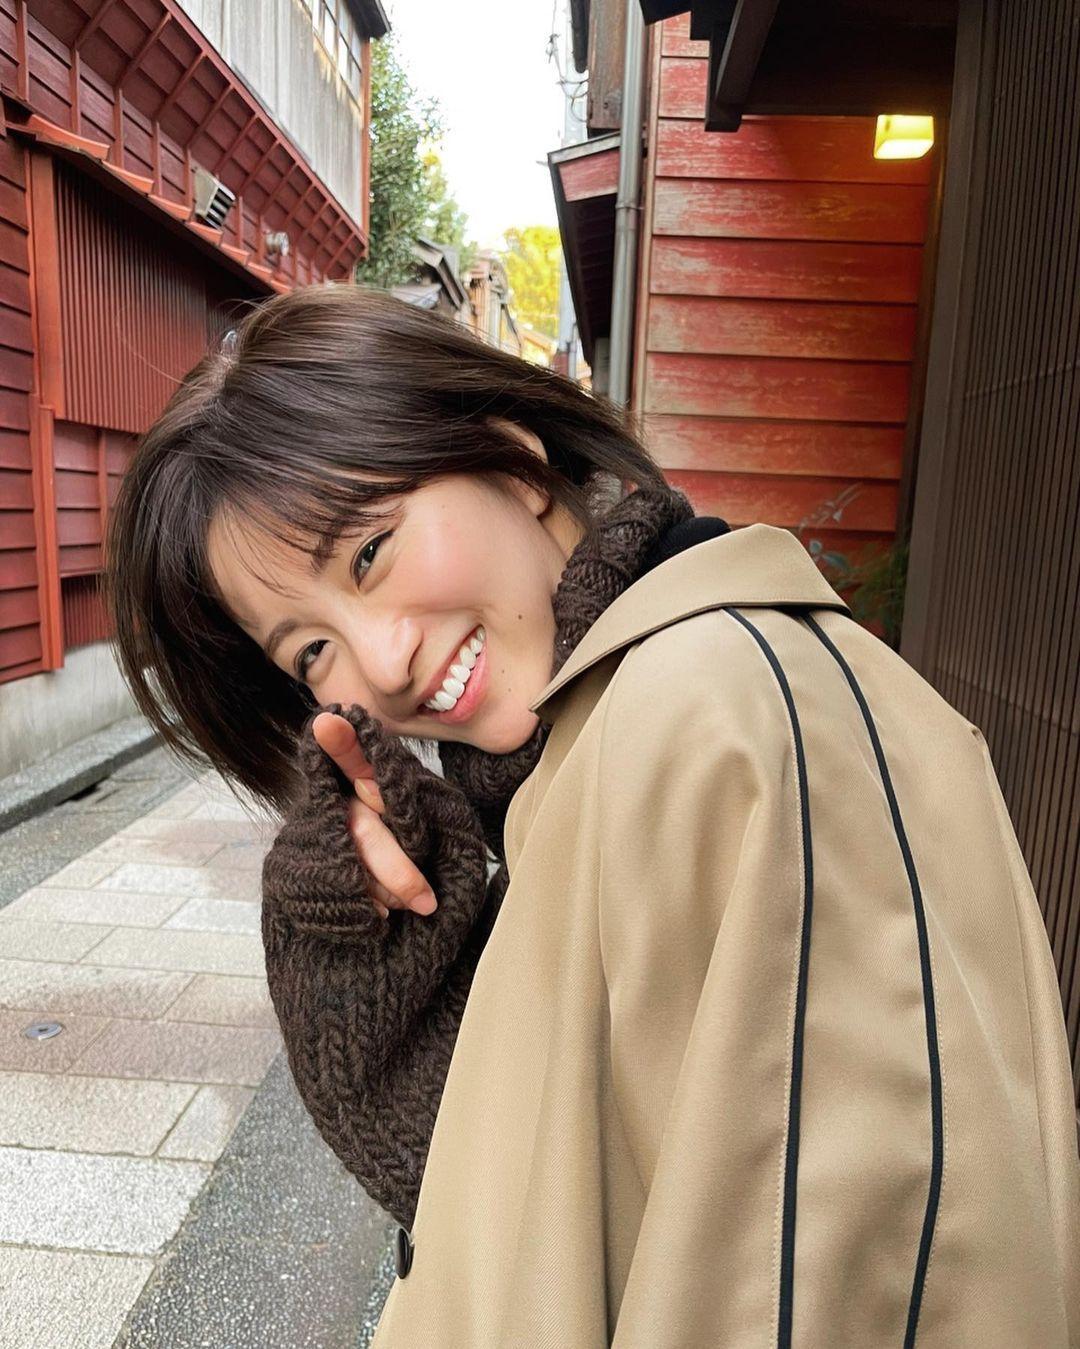 日系时尚杂志模特冈崎纱绘清甜笑容亲和力十足完全就是女友理想型 网络美女 第23张